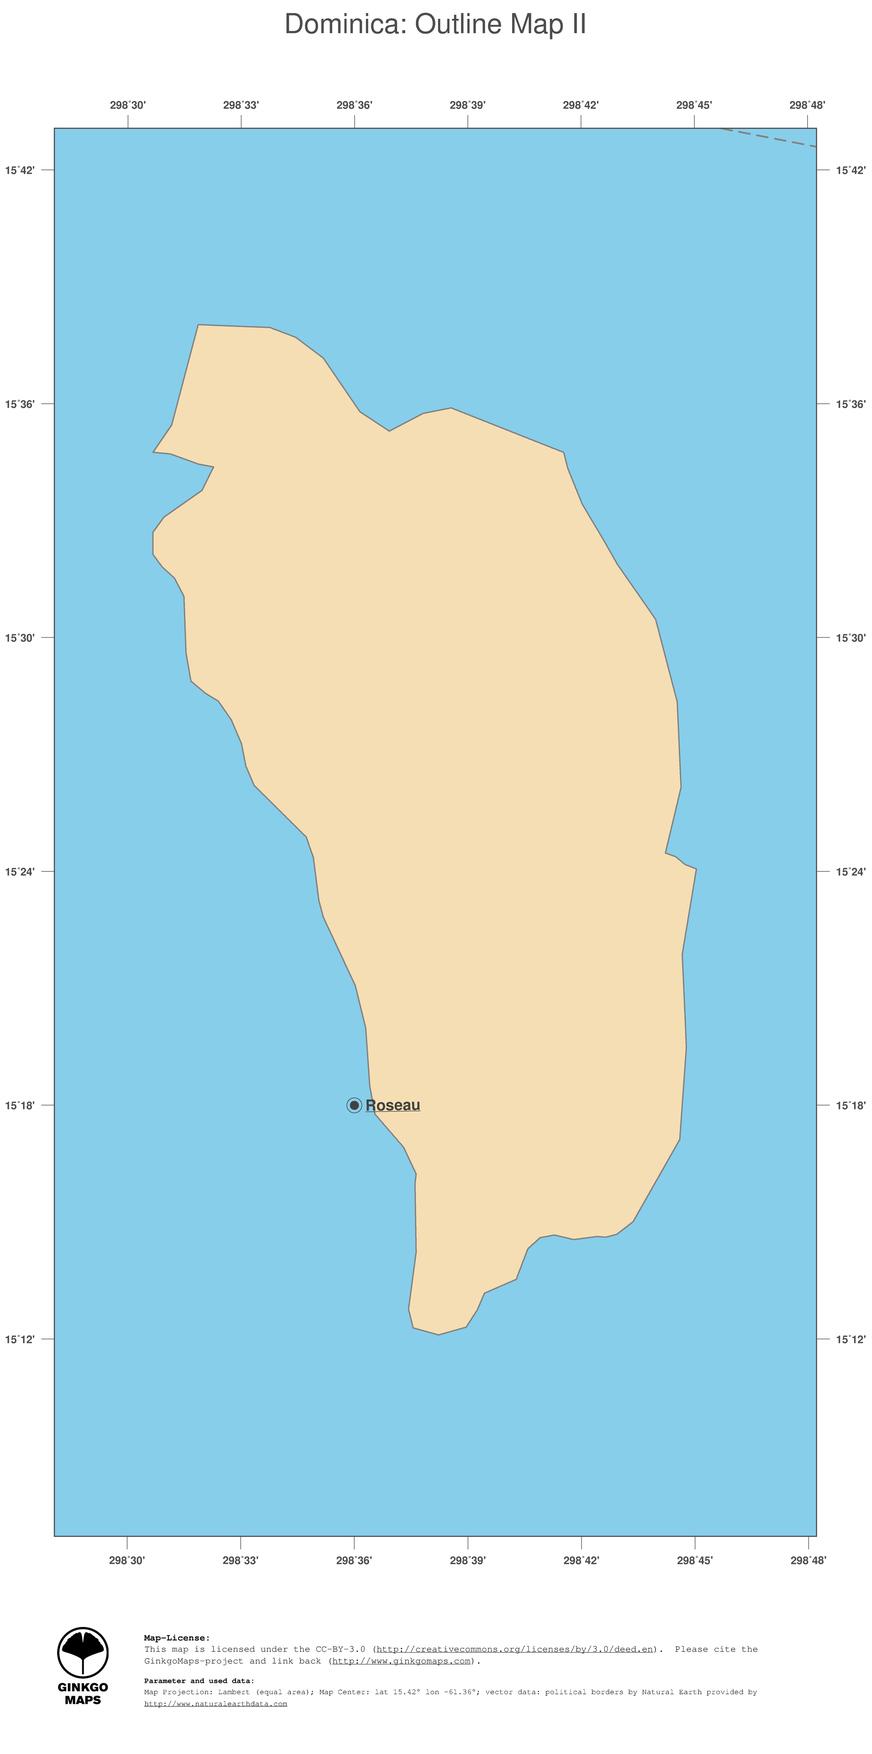 Map Dominica GinkgoMaps Continent South America Region Dominica - Dominica political map